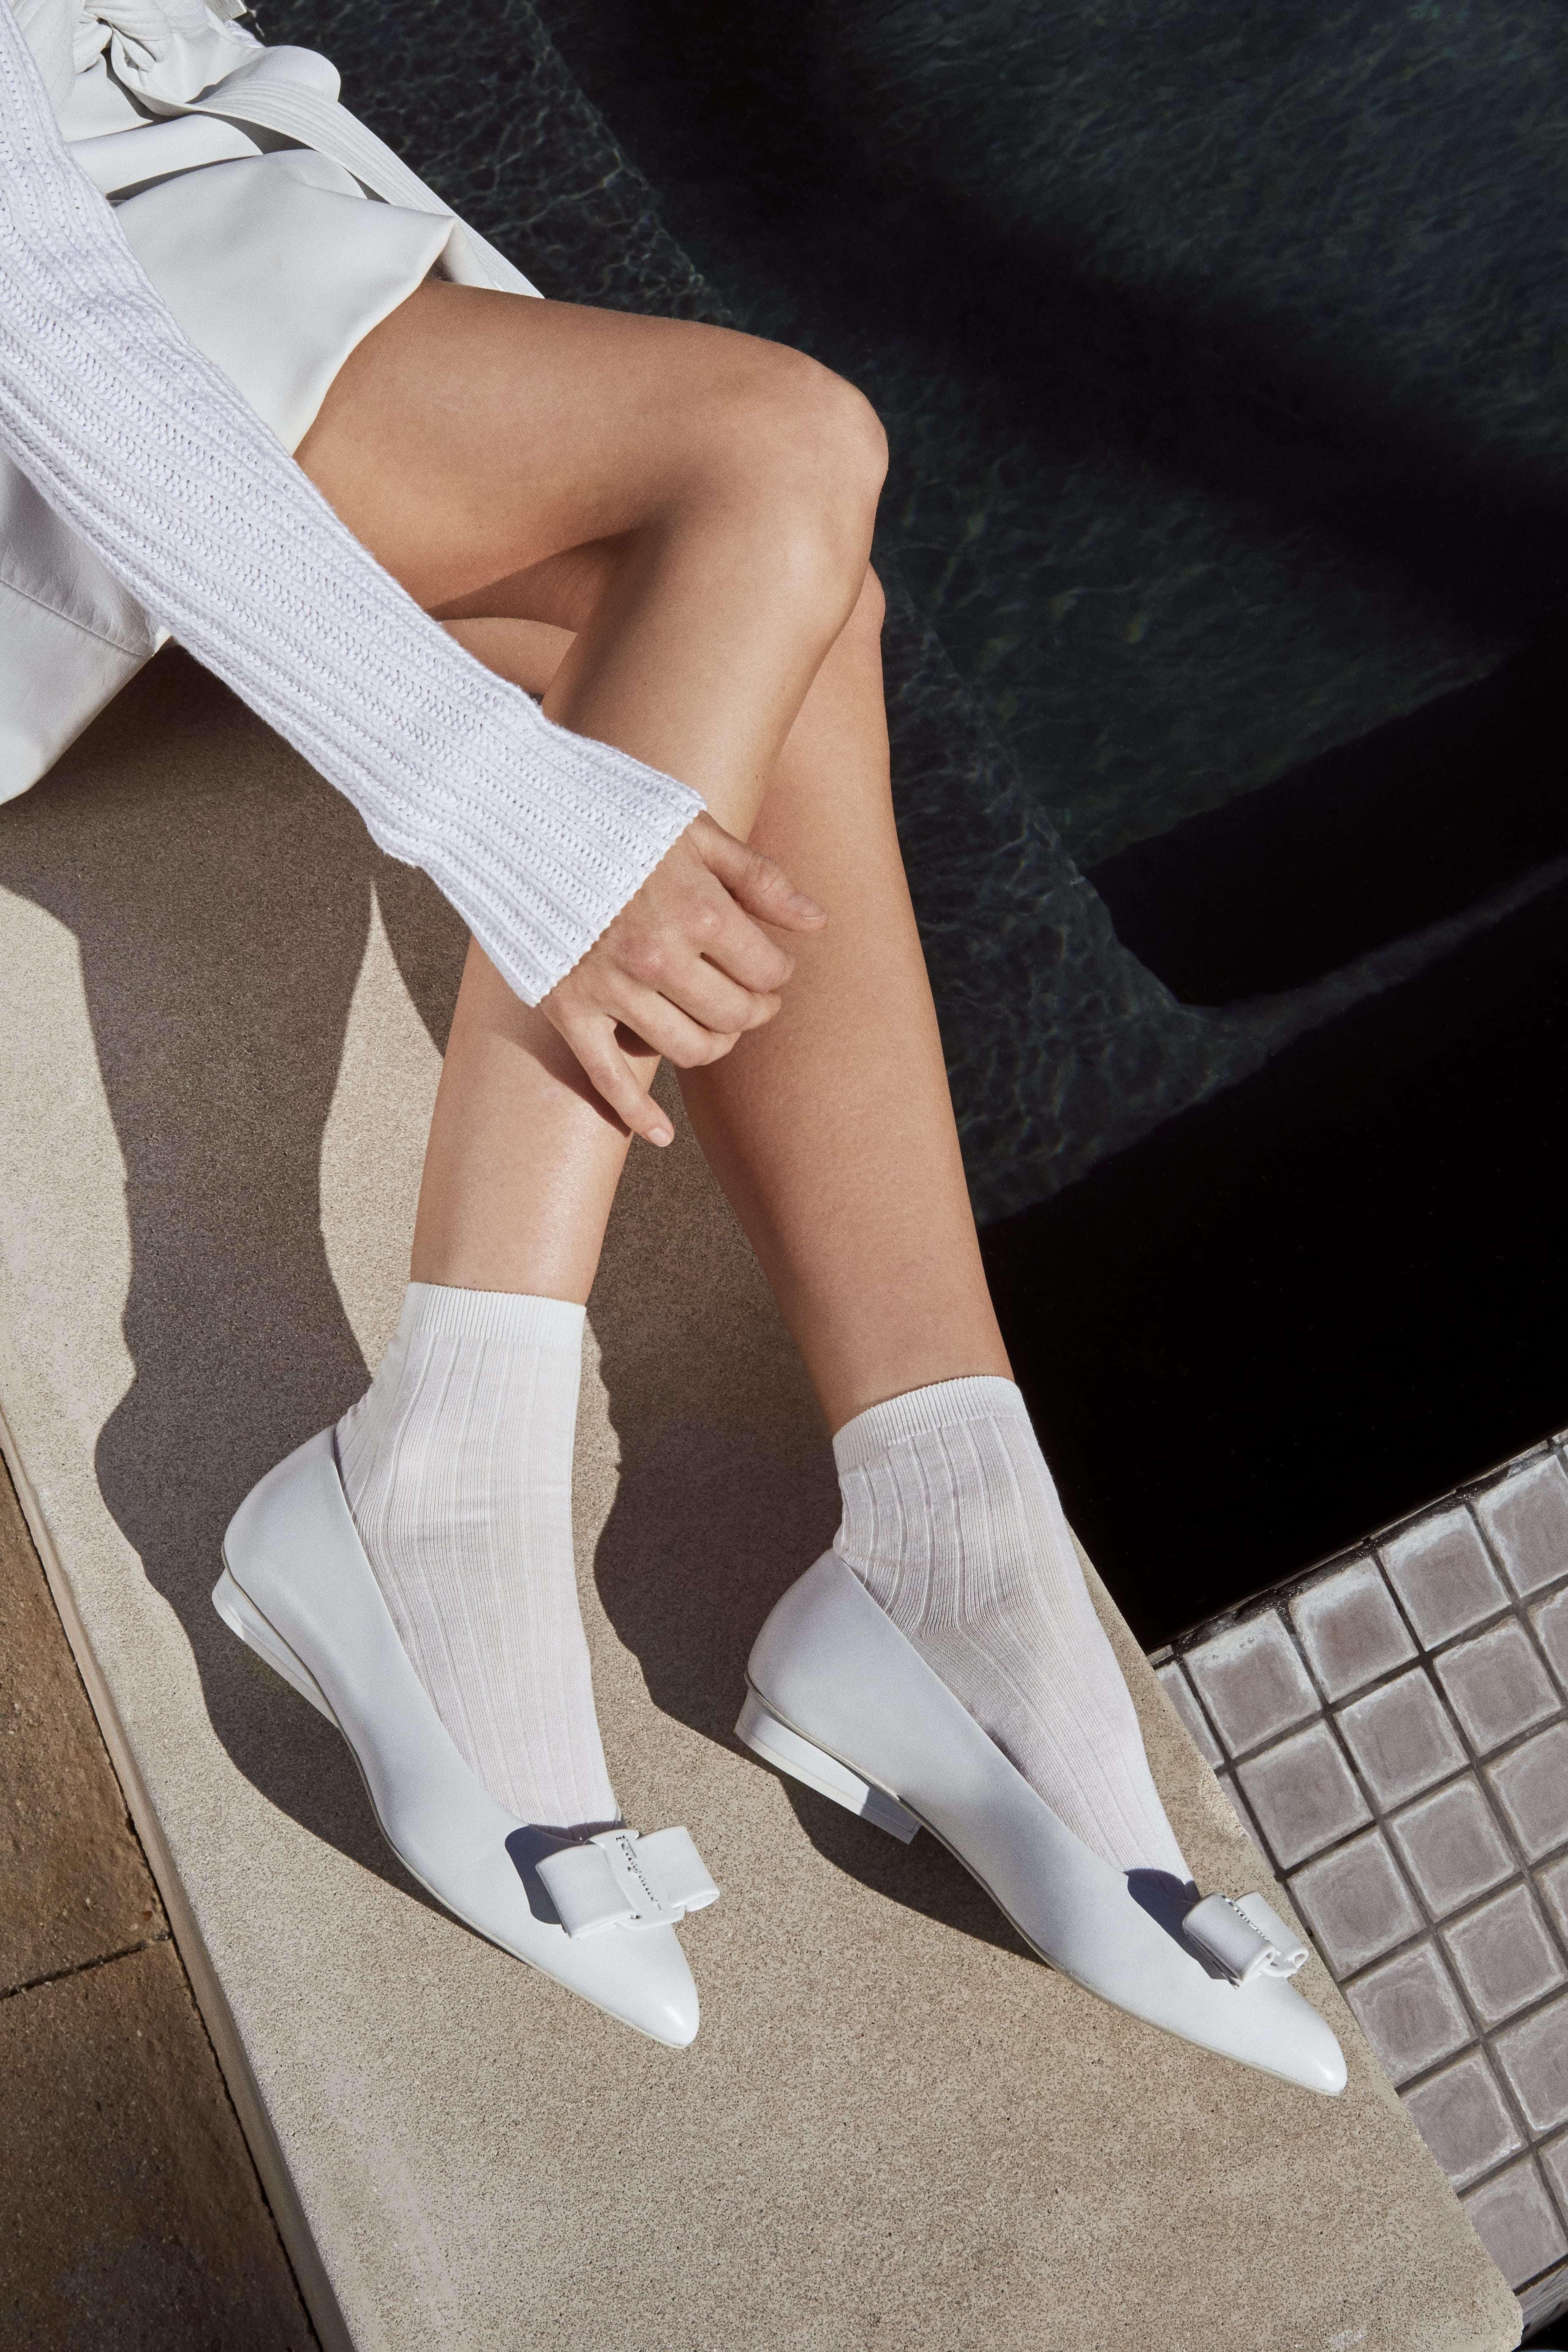 6b25426c 3b66 4601 87e0 0b0ed77208f9 - Salvatore Ferragamo presenta la campaña del zapato 'VIVA'